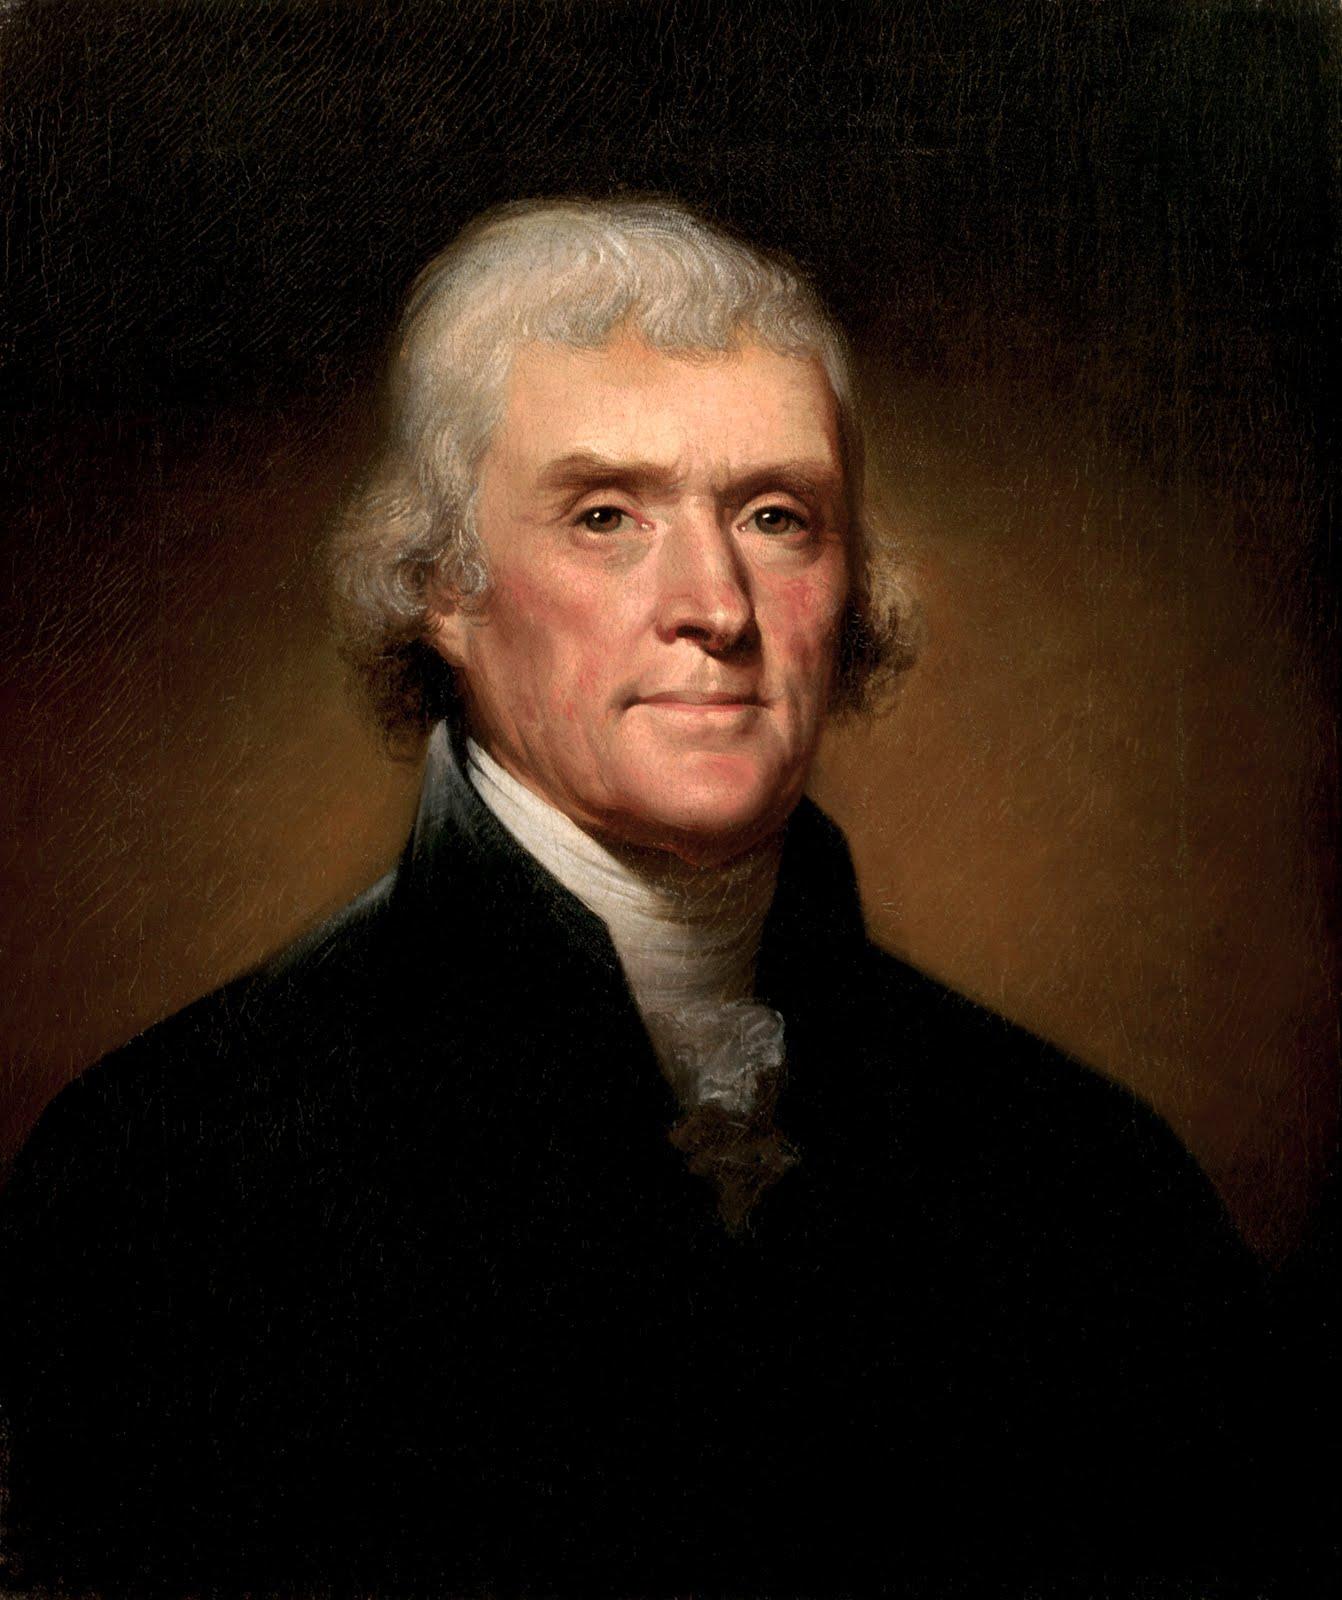 http://4.bp.blogspot.com/-inM9igHw1hI/T_Q3v2Mu9fI/AAAAAAAAA8s/JEs7VmGq6wo/s1600/Thomas_Jefferson_by_Rembrandt_Peale%252C_1800.jpg